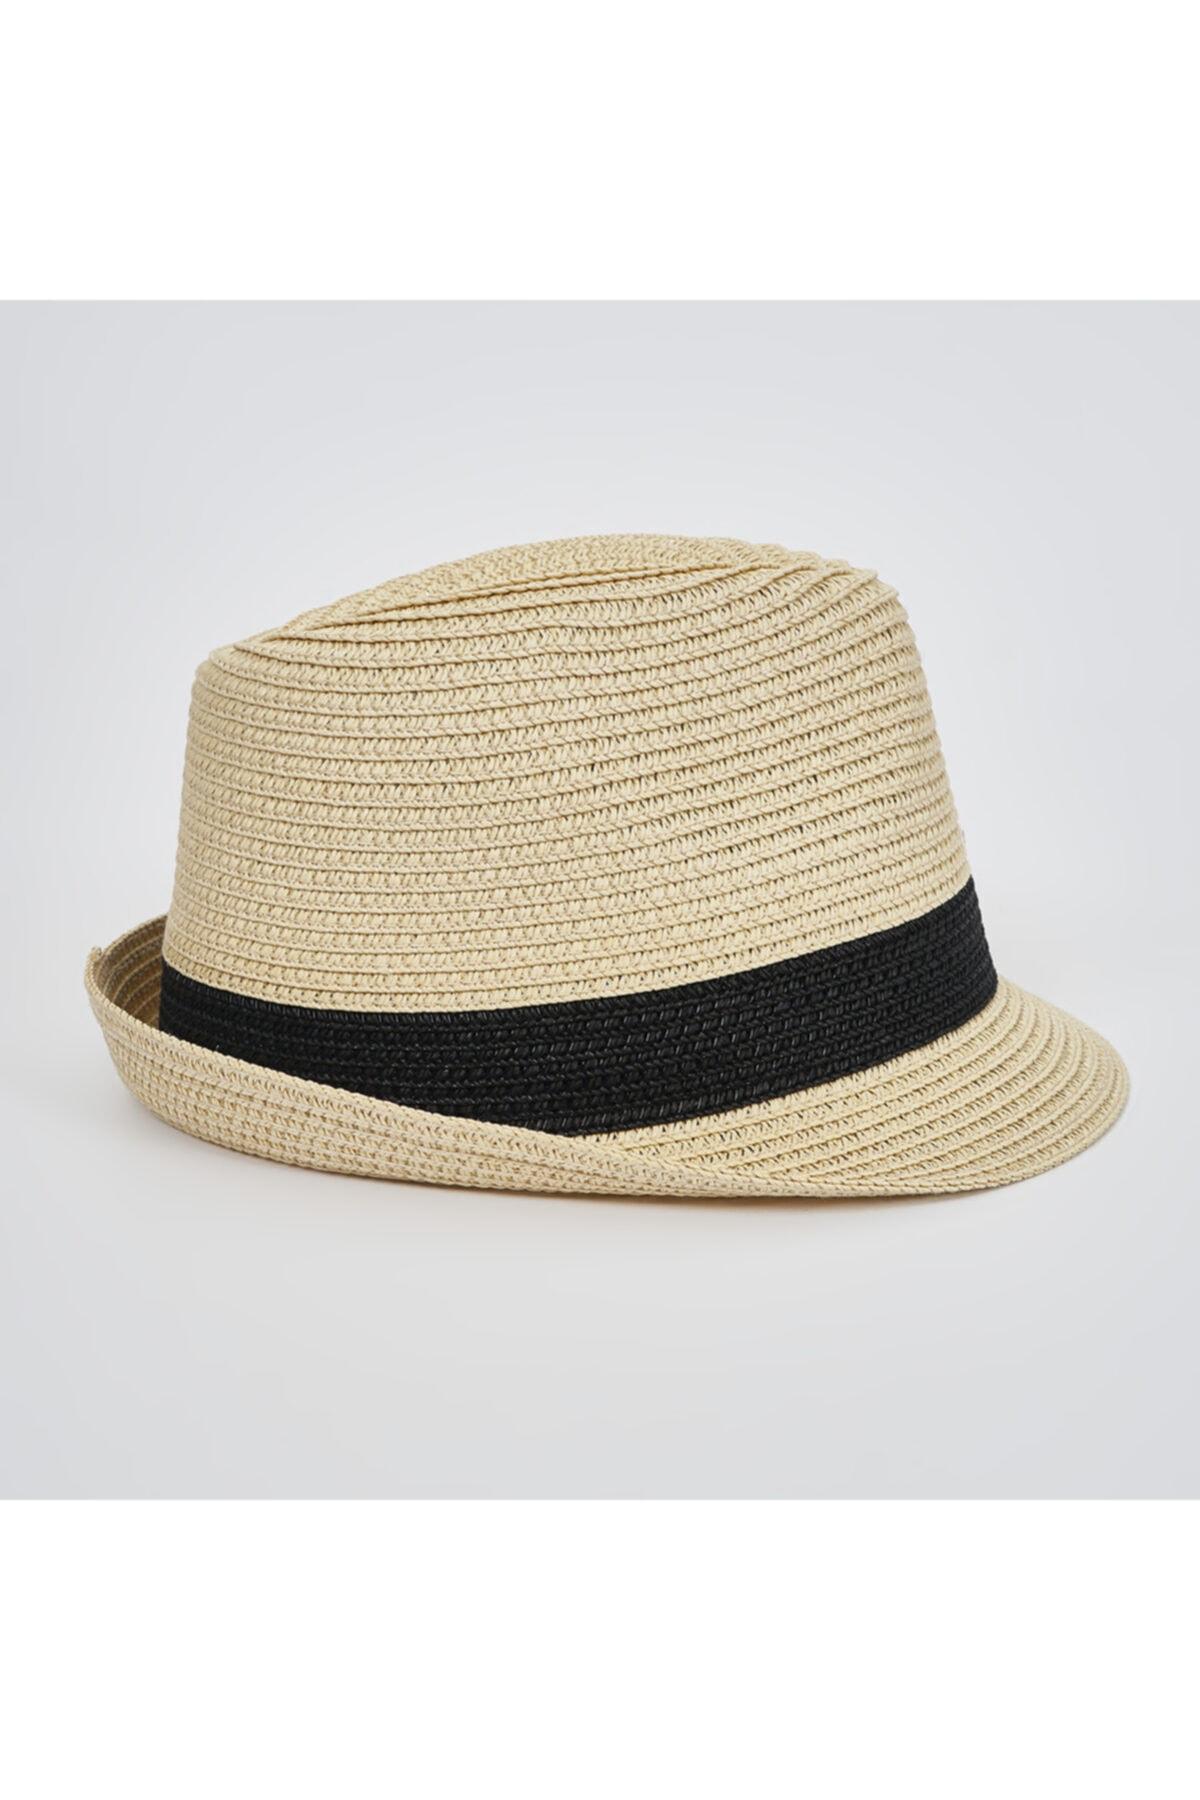 Erkek Çocuk Hasır Şapka 2012bk19008